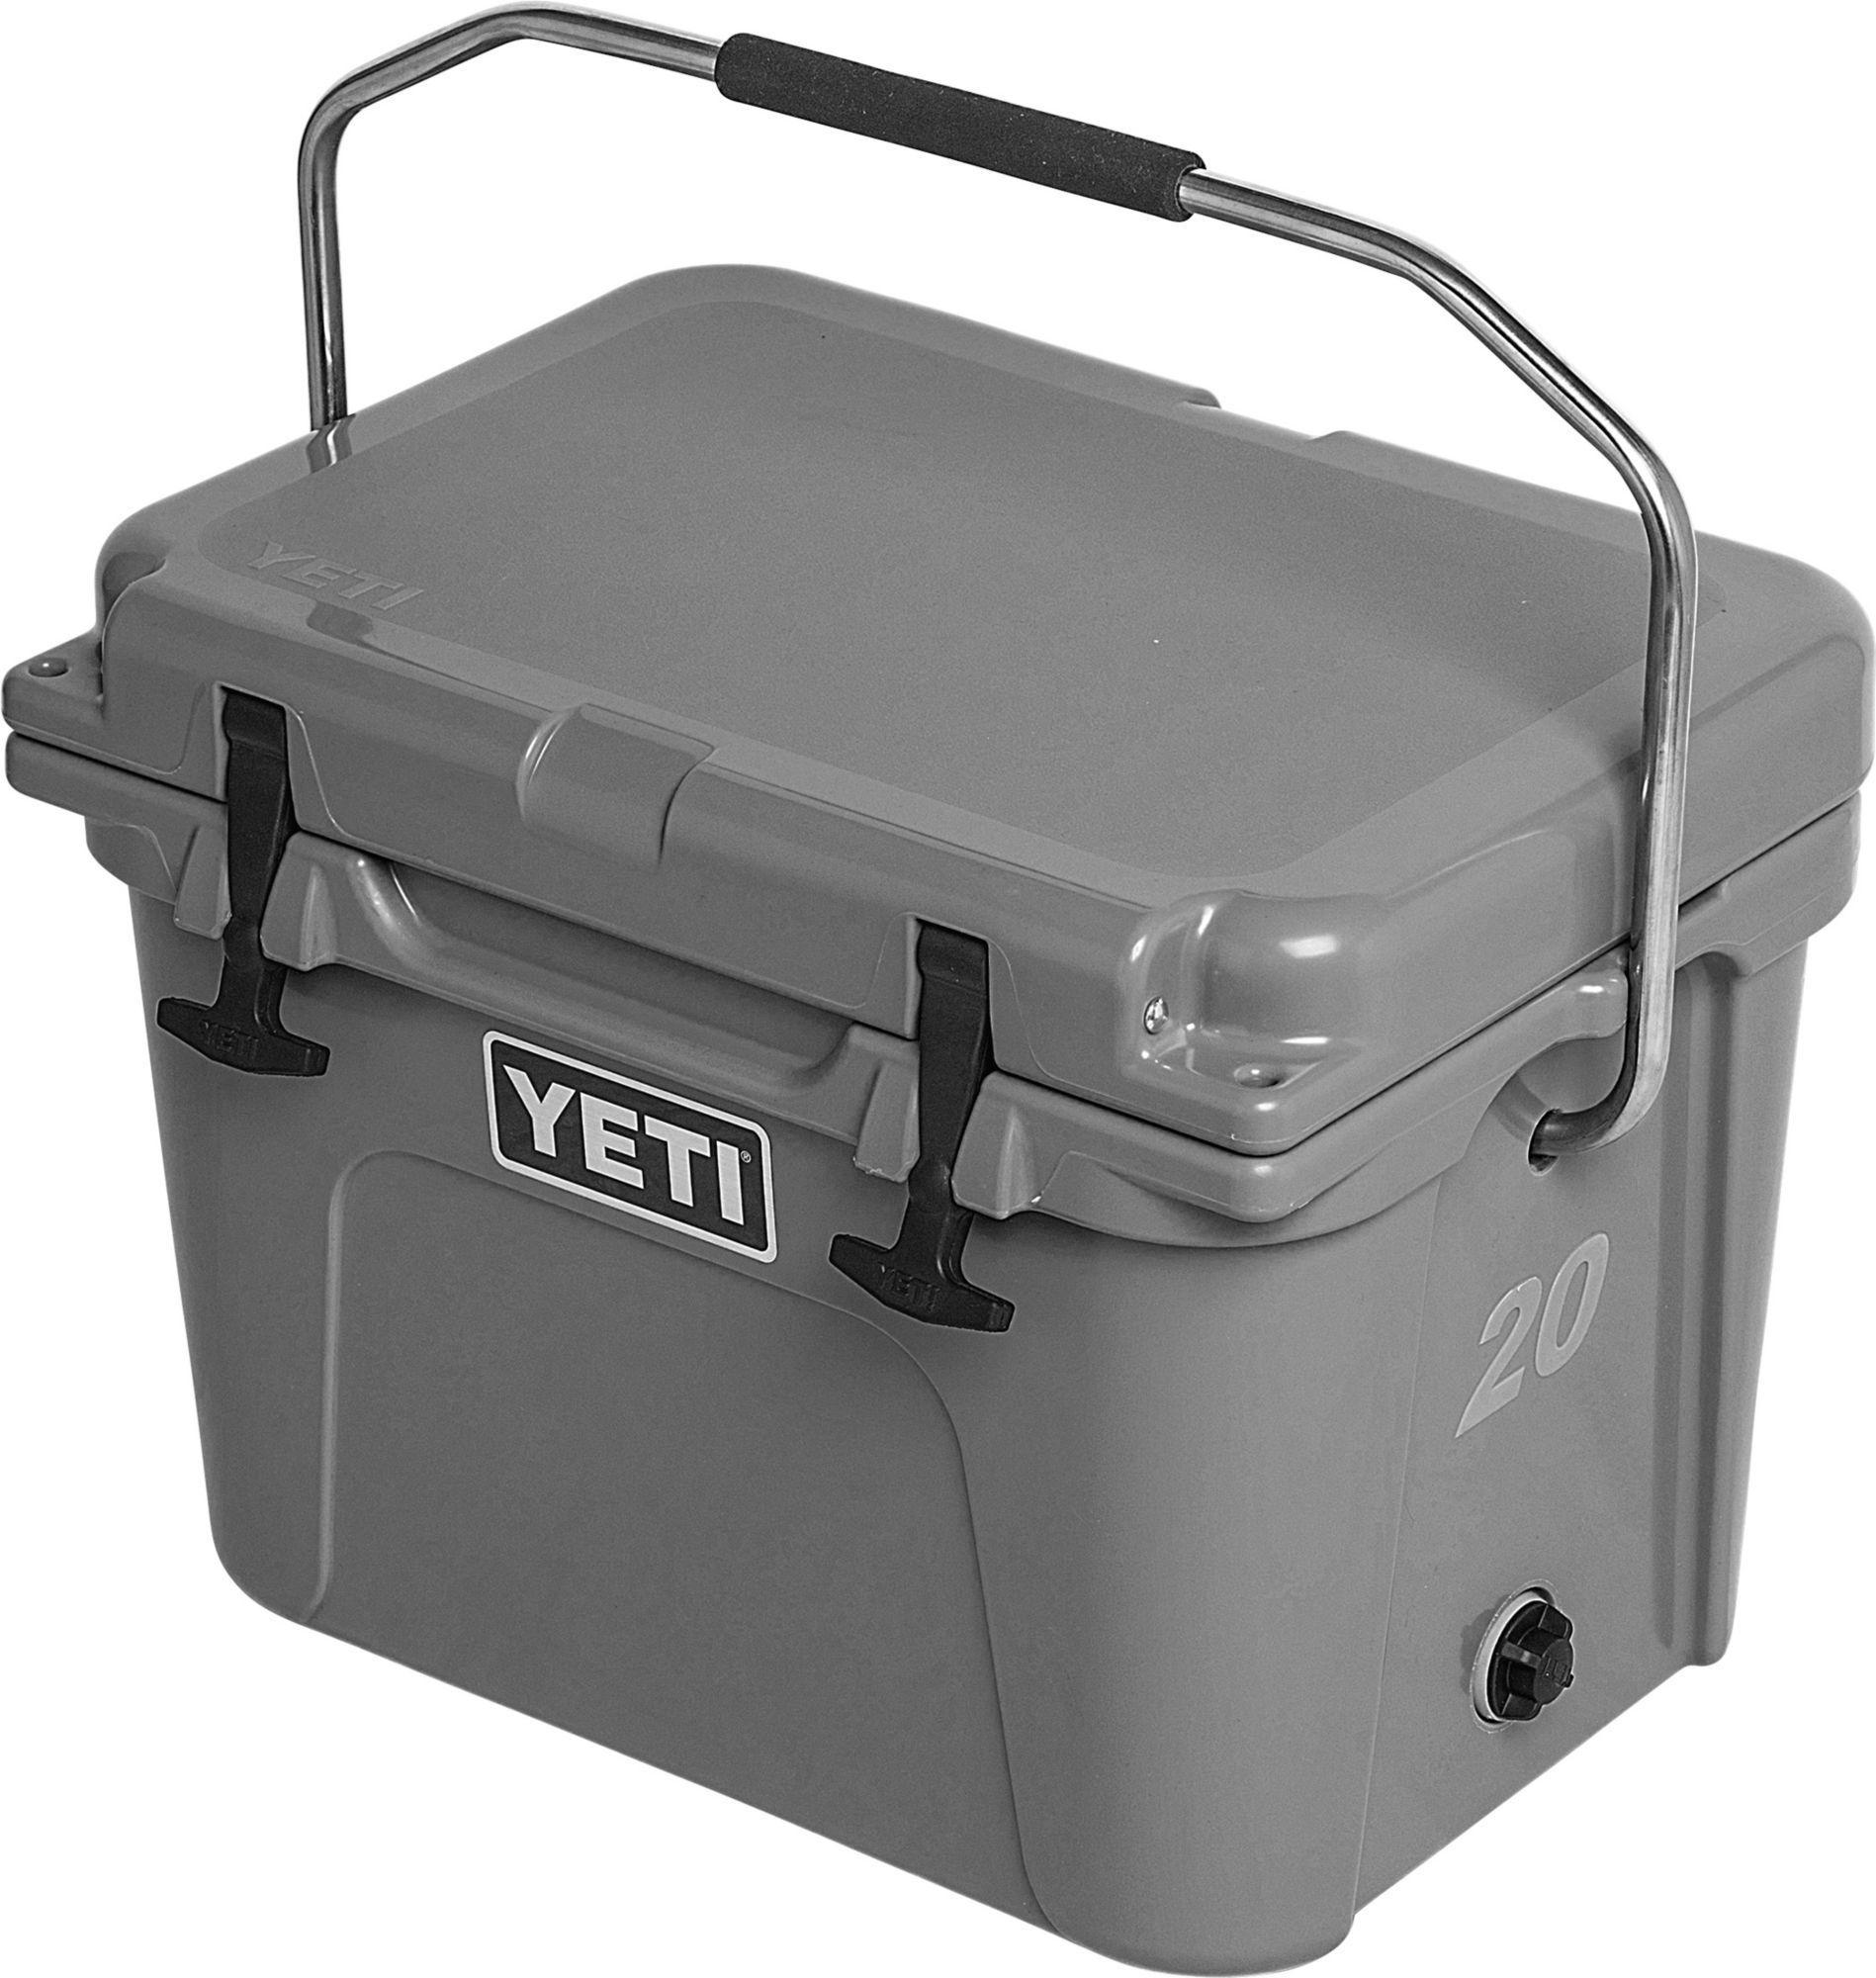 Yeti Roadie 20 Cooler Grey Yetiroadiecooler Yeti Roadie Yeti Cooler Yeti Coolers